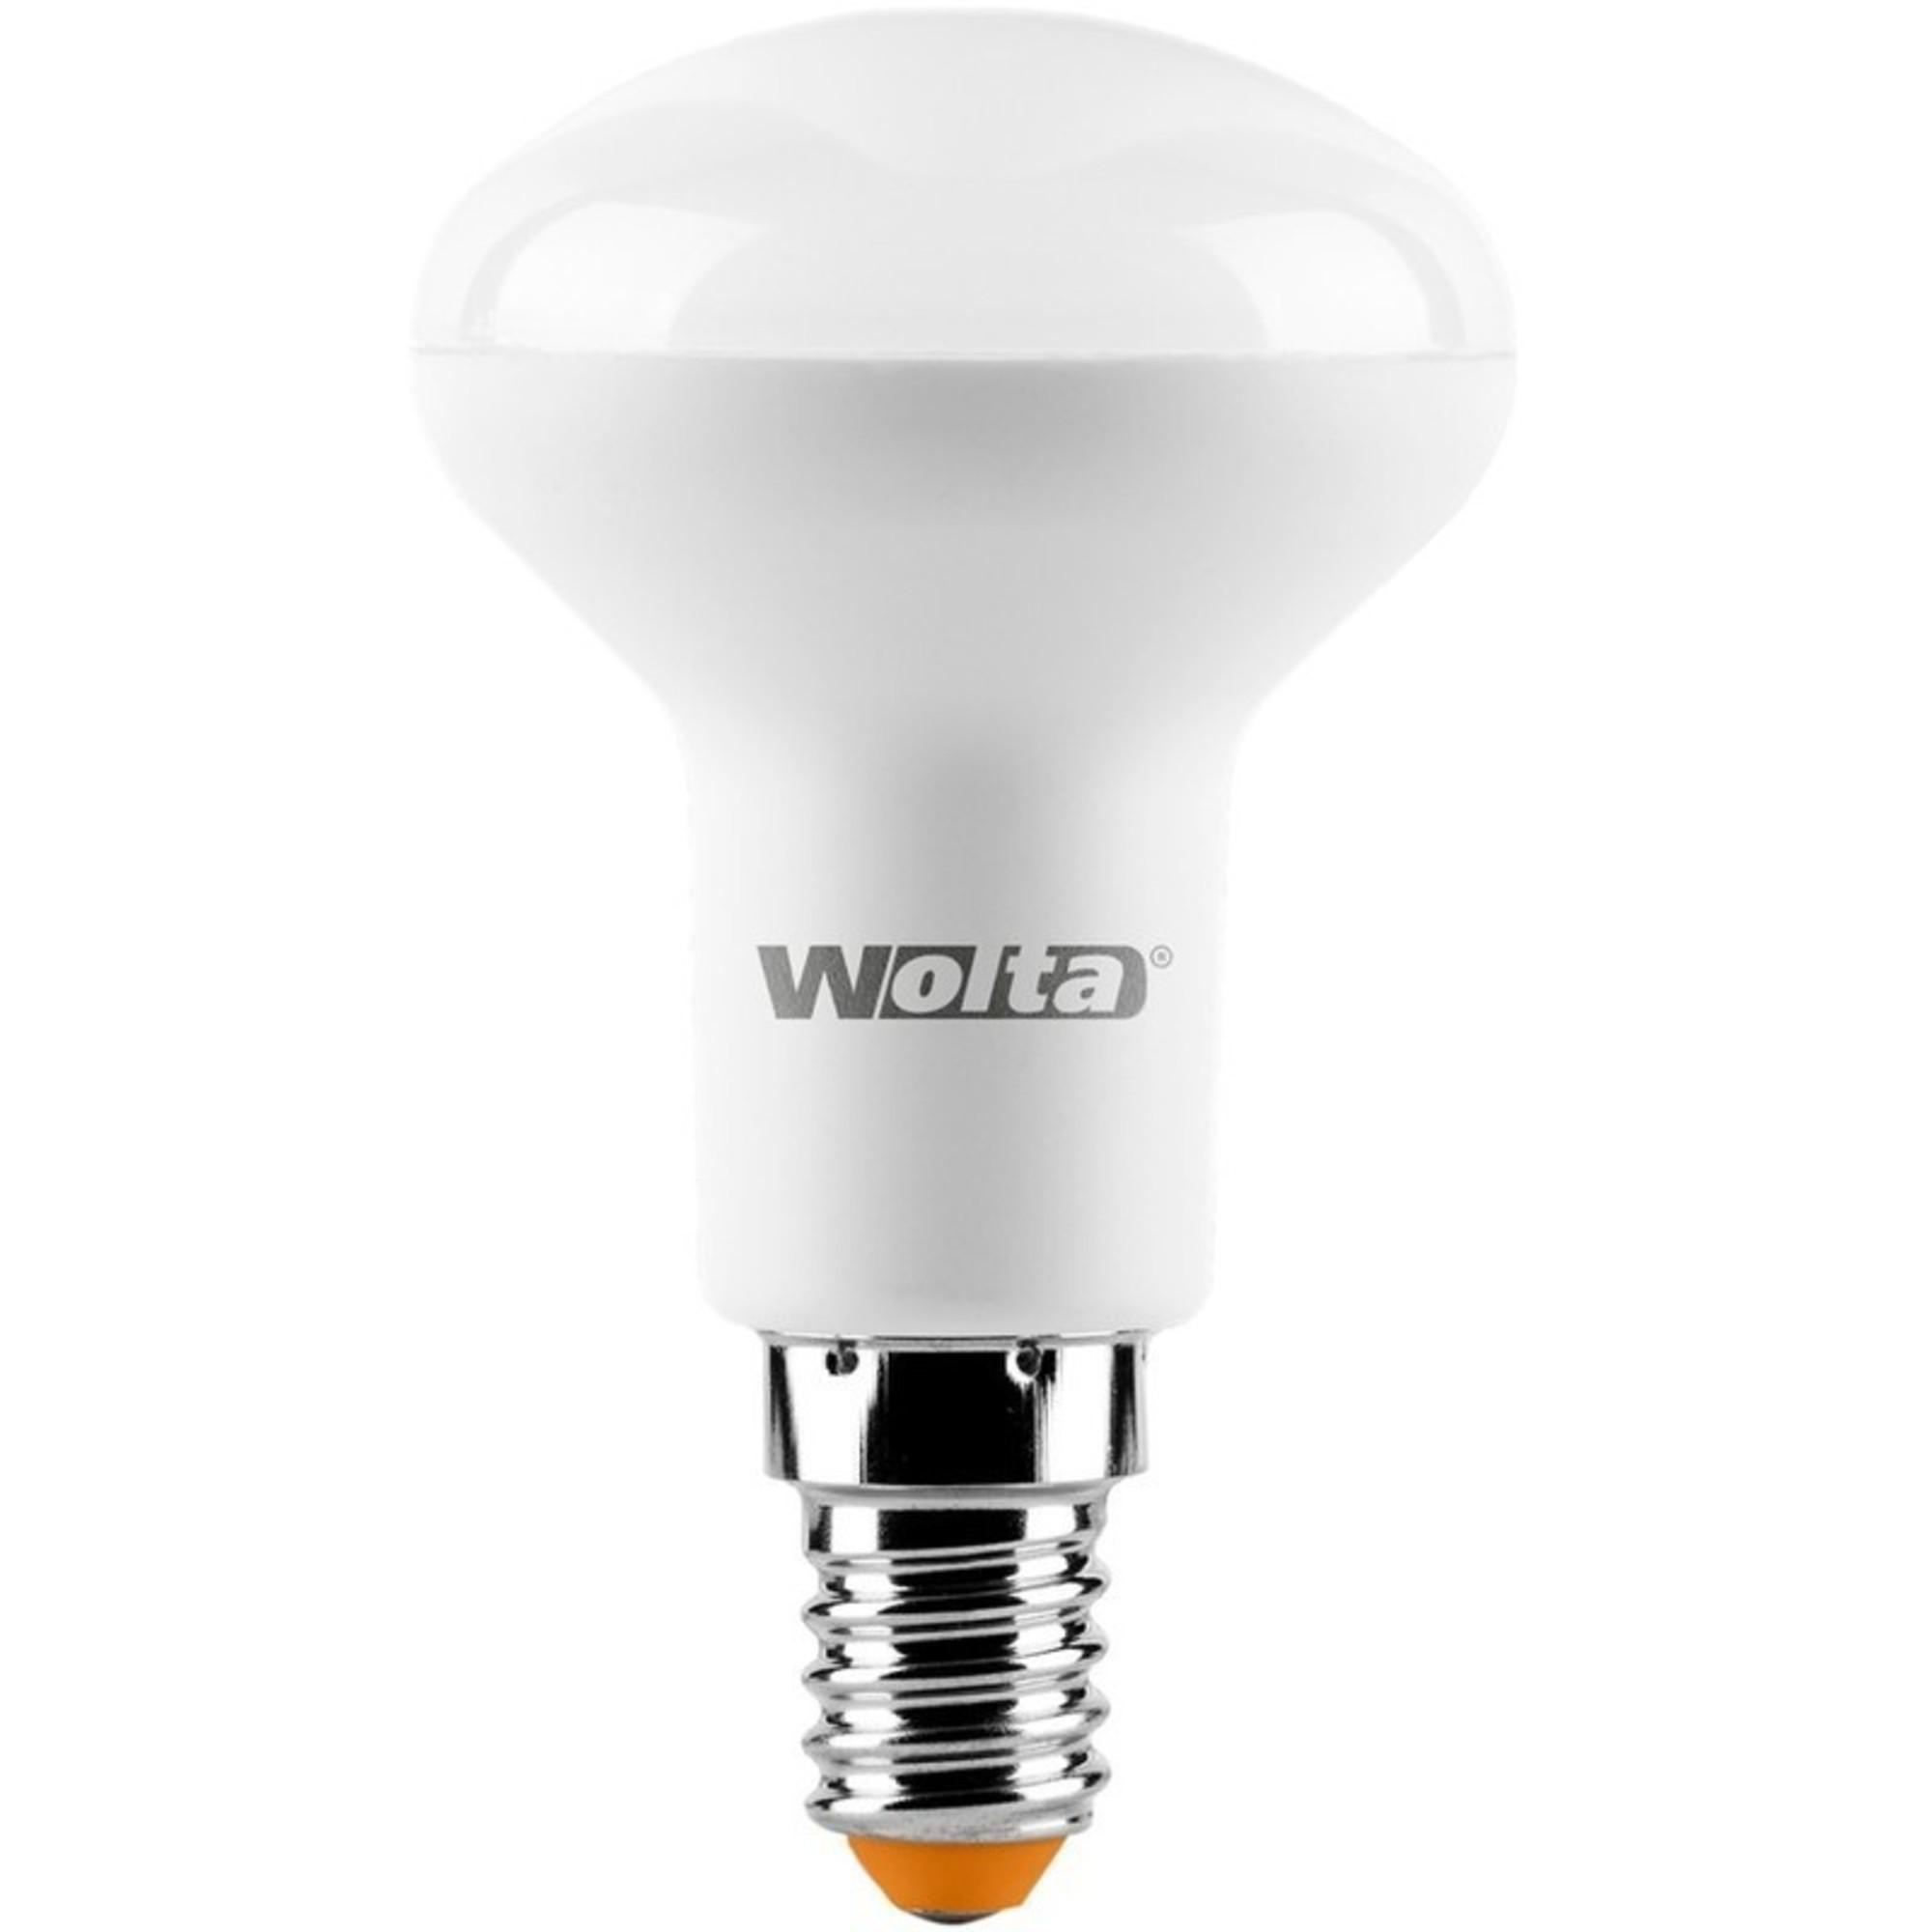 Лампа светодиодная Wolta спот R39 E14 5 Вт 400 Лм свет дневной